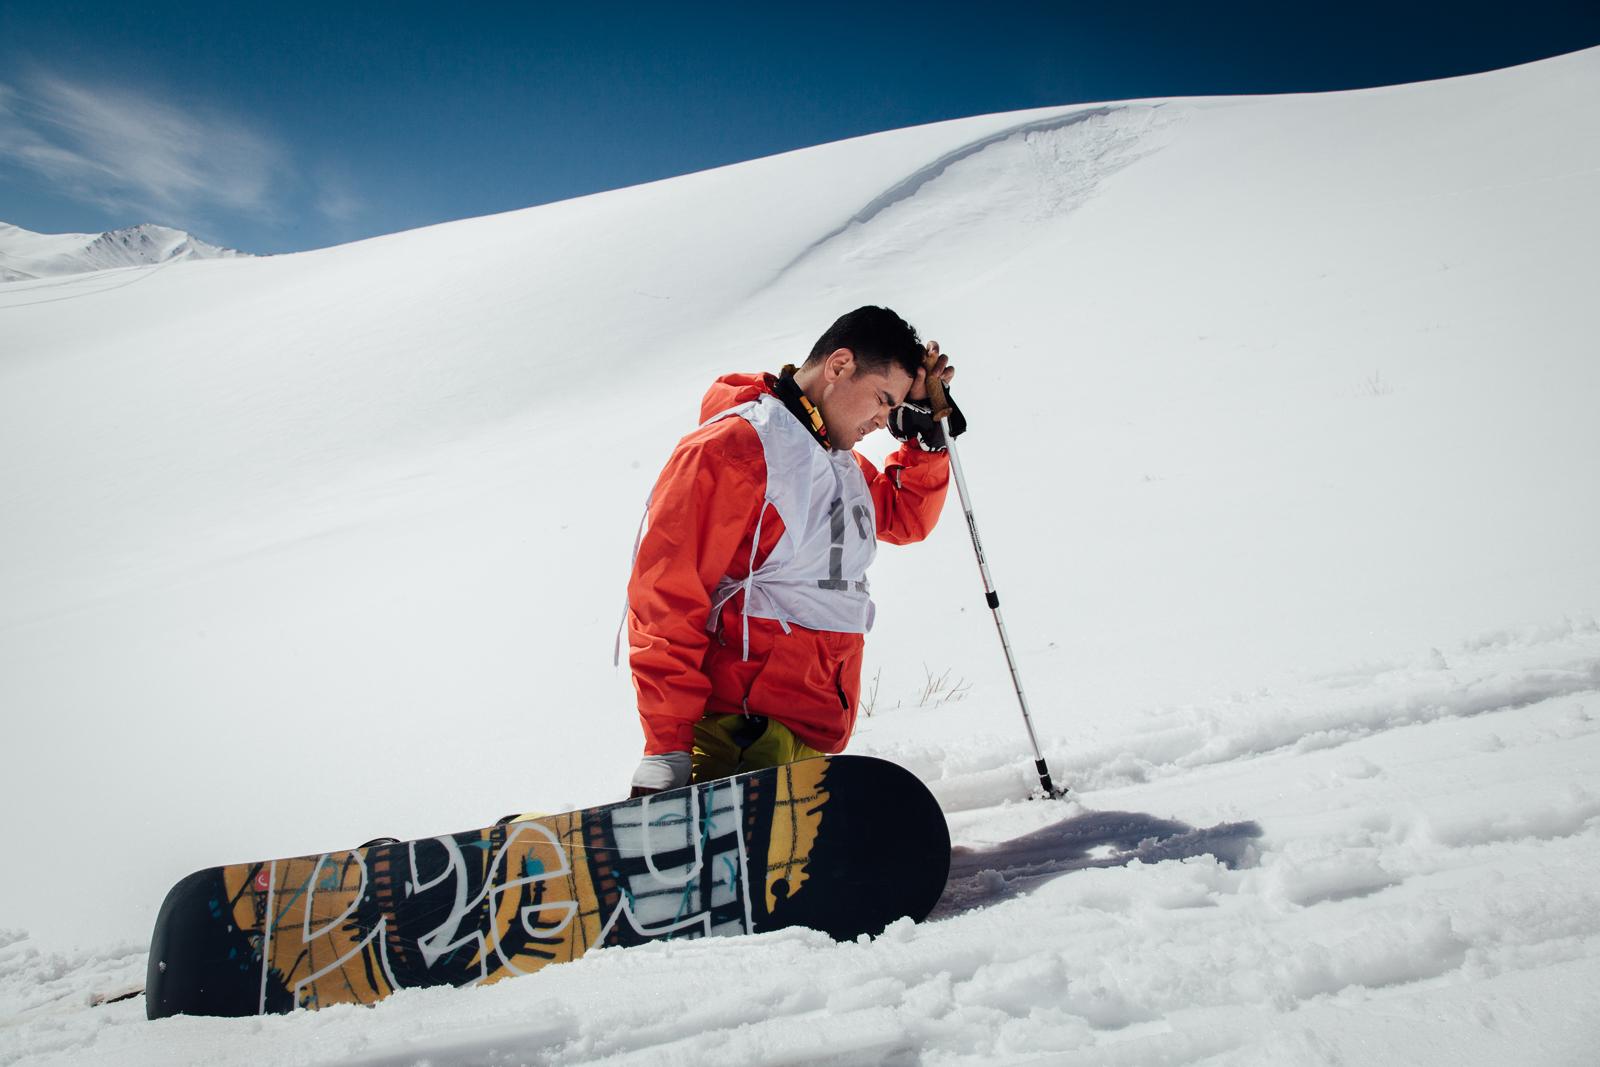 koh-e-Baba, province de Bamiyan, le 1er Mars 2013. Un des participants afghans a choisi de faire la course en snowboard. Il lutte dans la première montée.  Koh-e-Baba, Bamiyan Province, March 1, 2013. One Afghan participants chose to race with a snowboard. He struggles in the first climb.